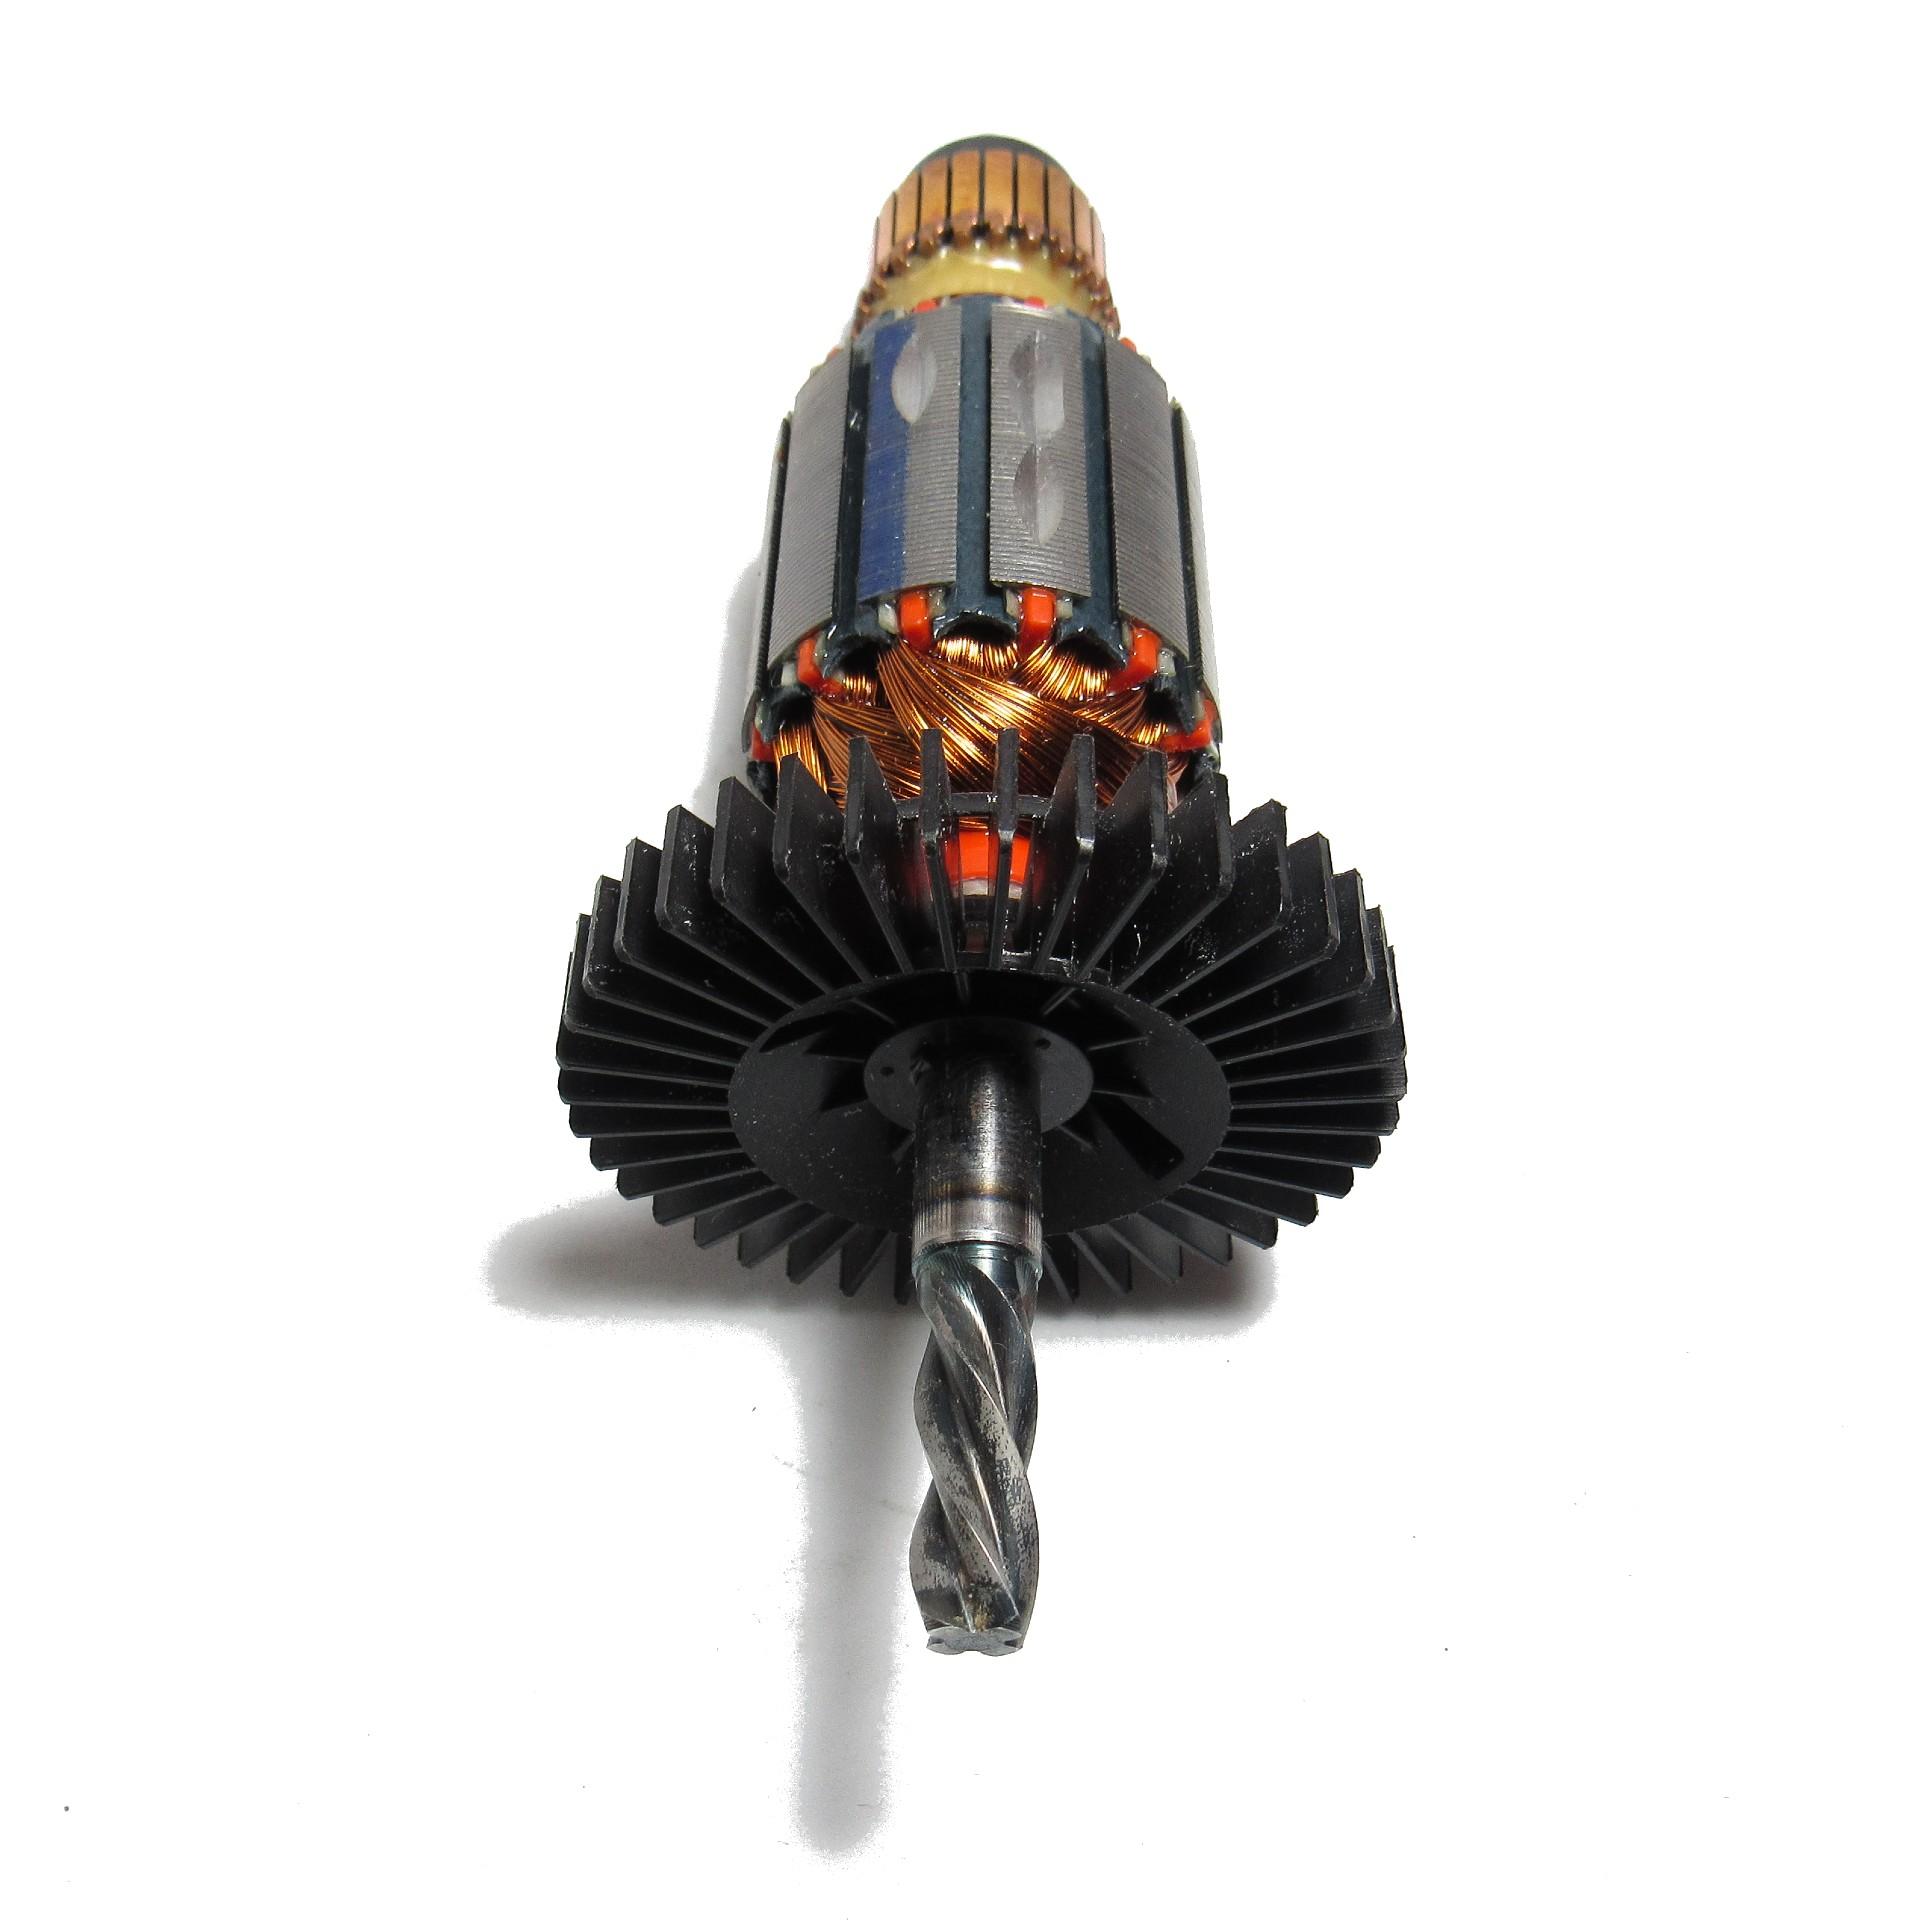 Induzido para Furadeira Black & Decker Tm650 - N483162s - 220v